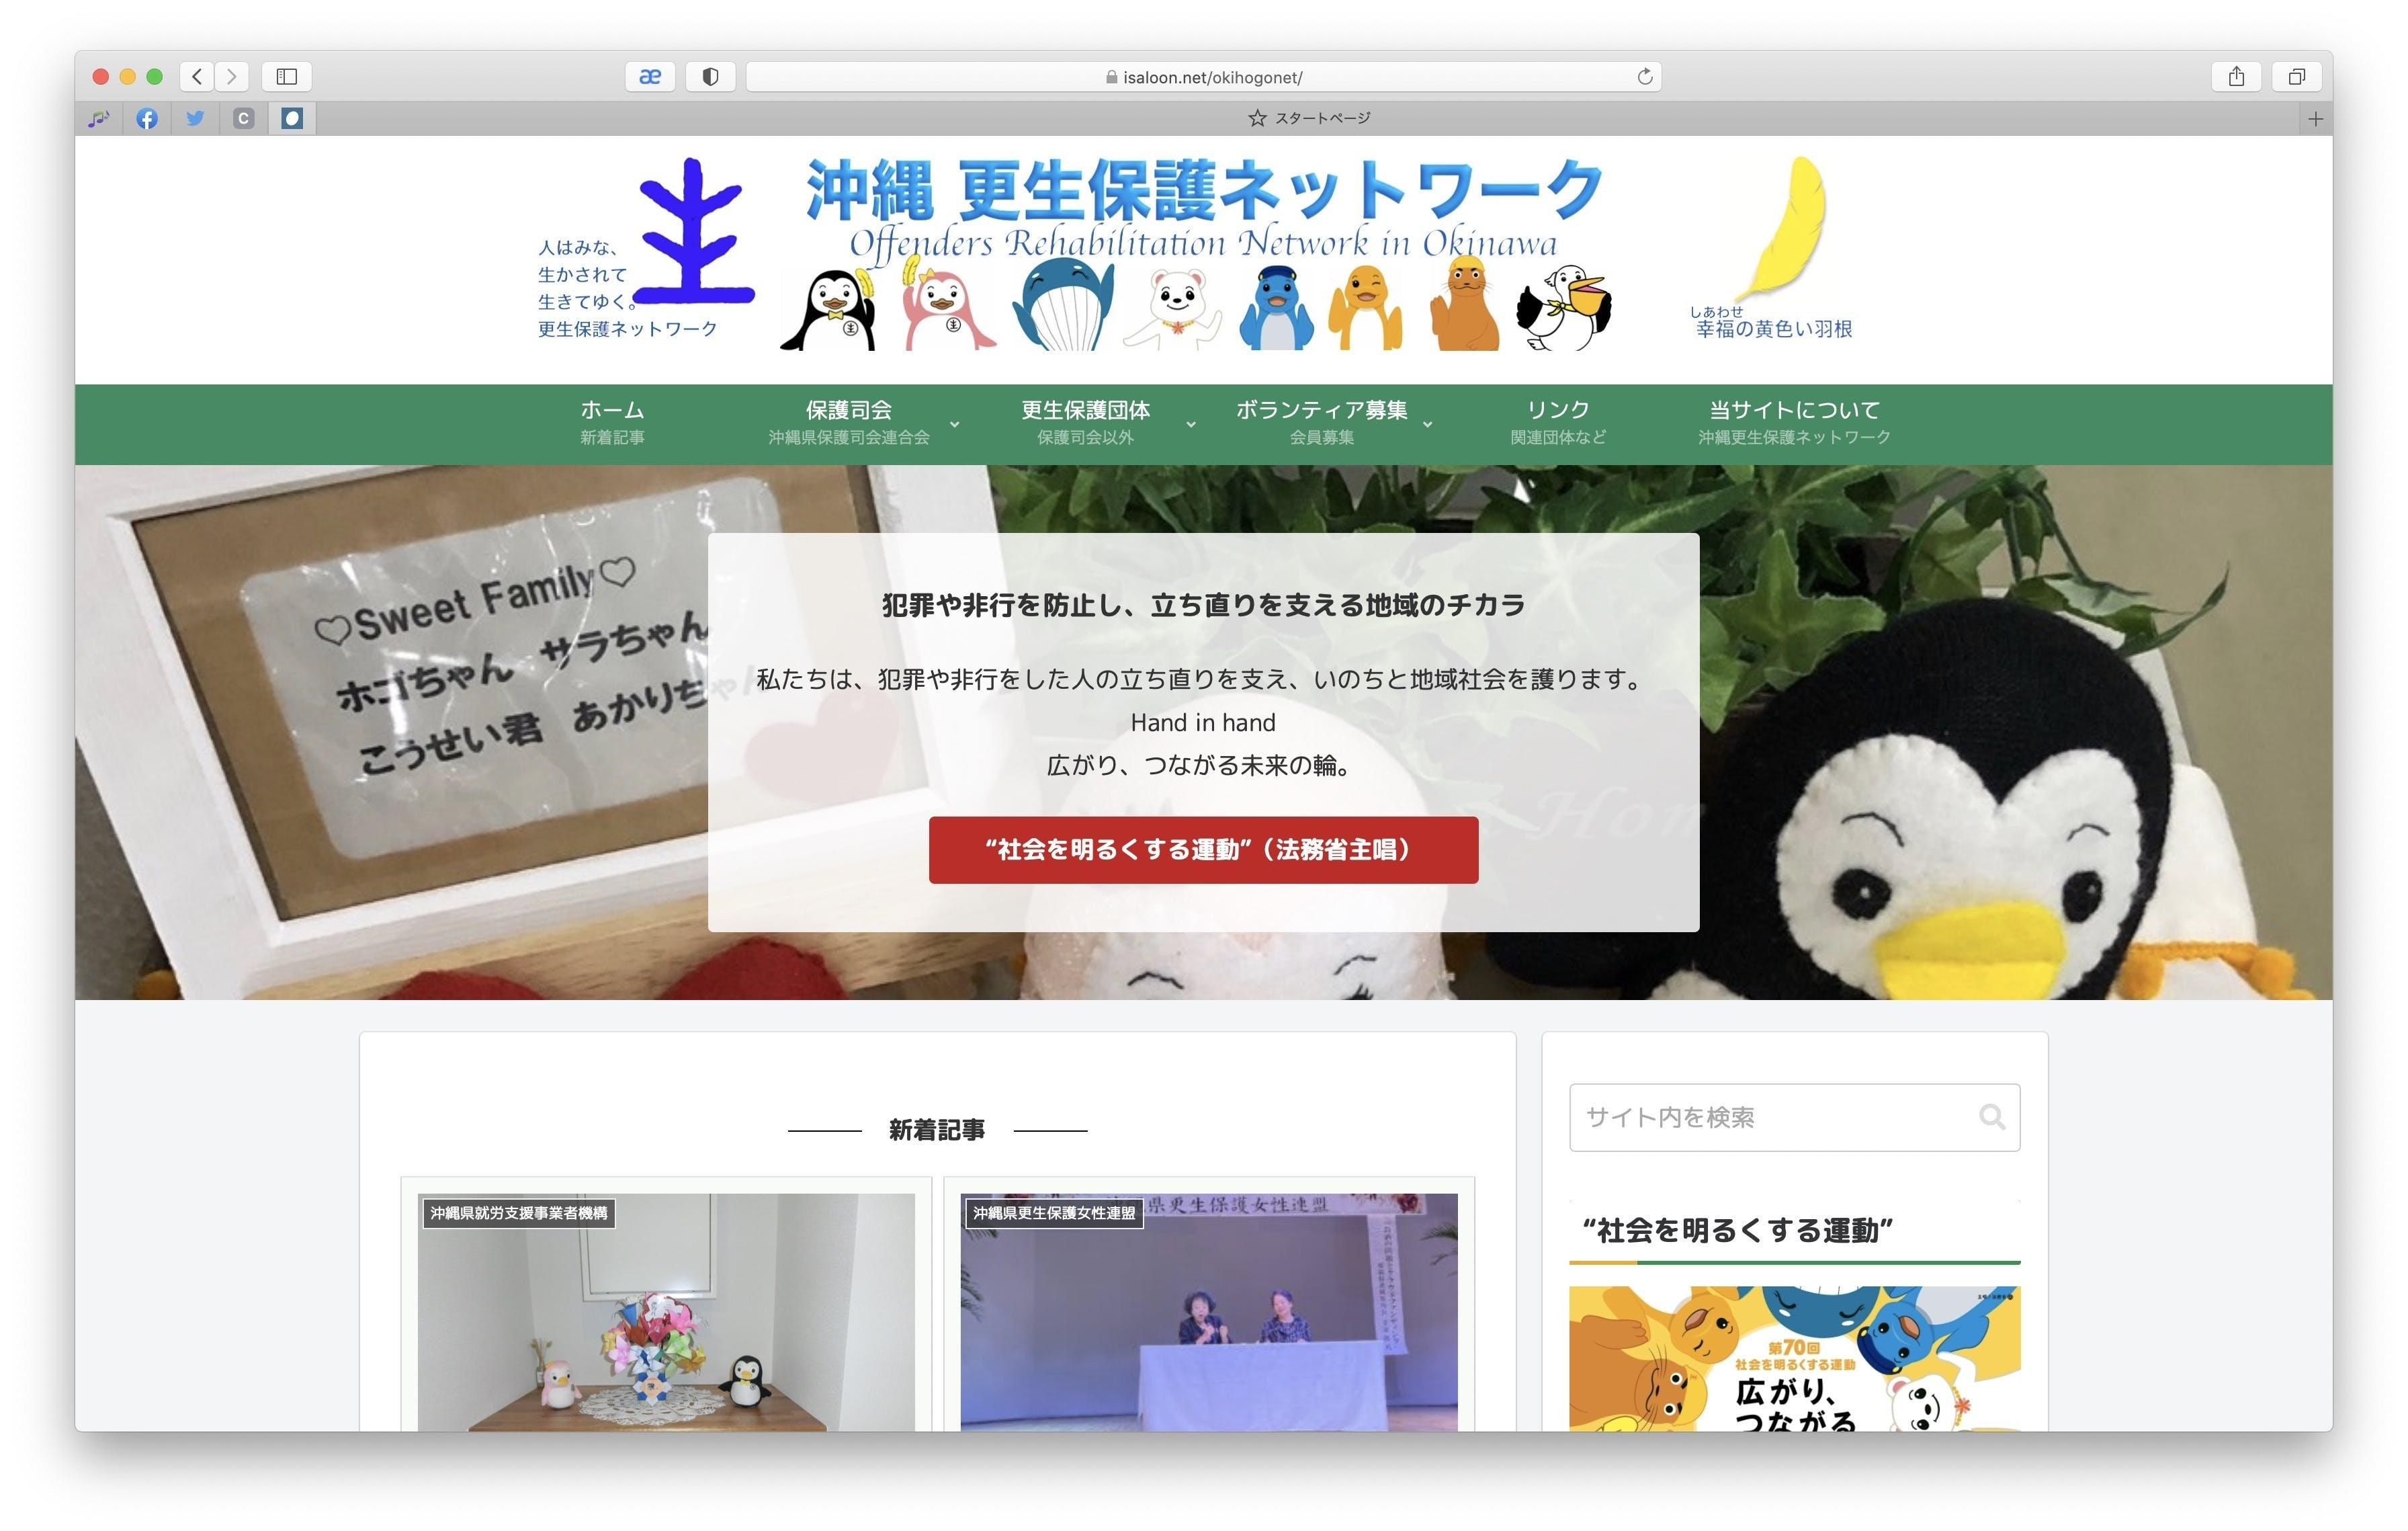 沖縄更生保護ネットワークのサイト